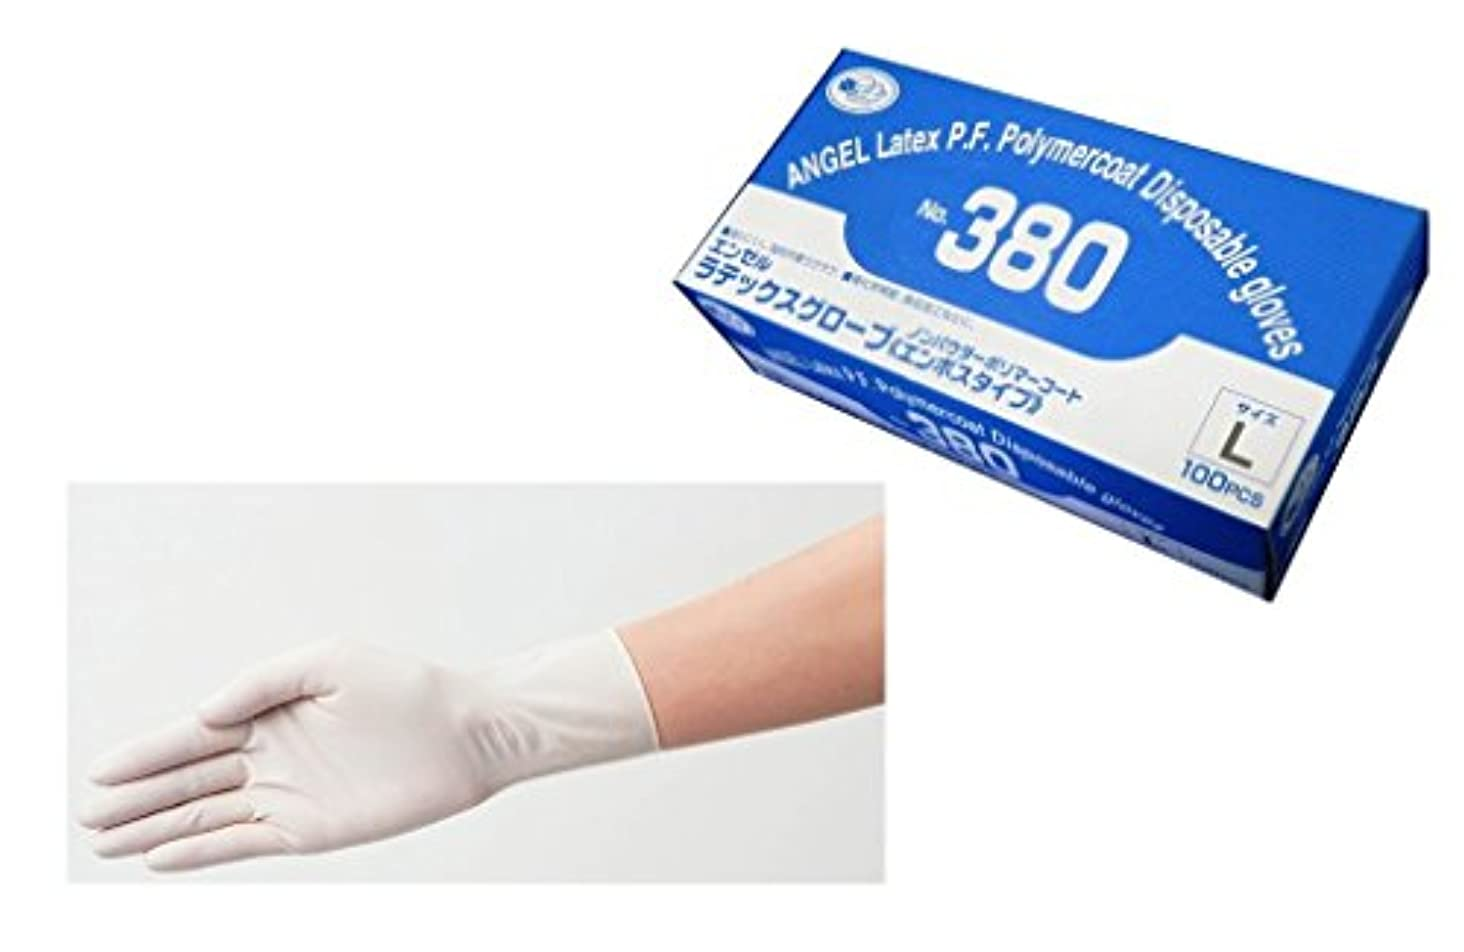 拡張ビタミンチャネルサンフラワー No.380 ラテックスグローブ ノンパウダー ポリマーコート 100枚入り (L)